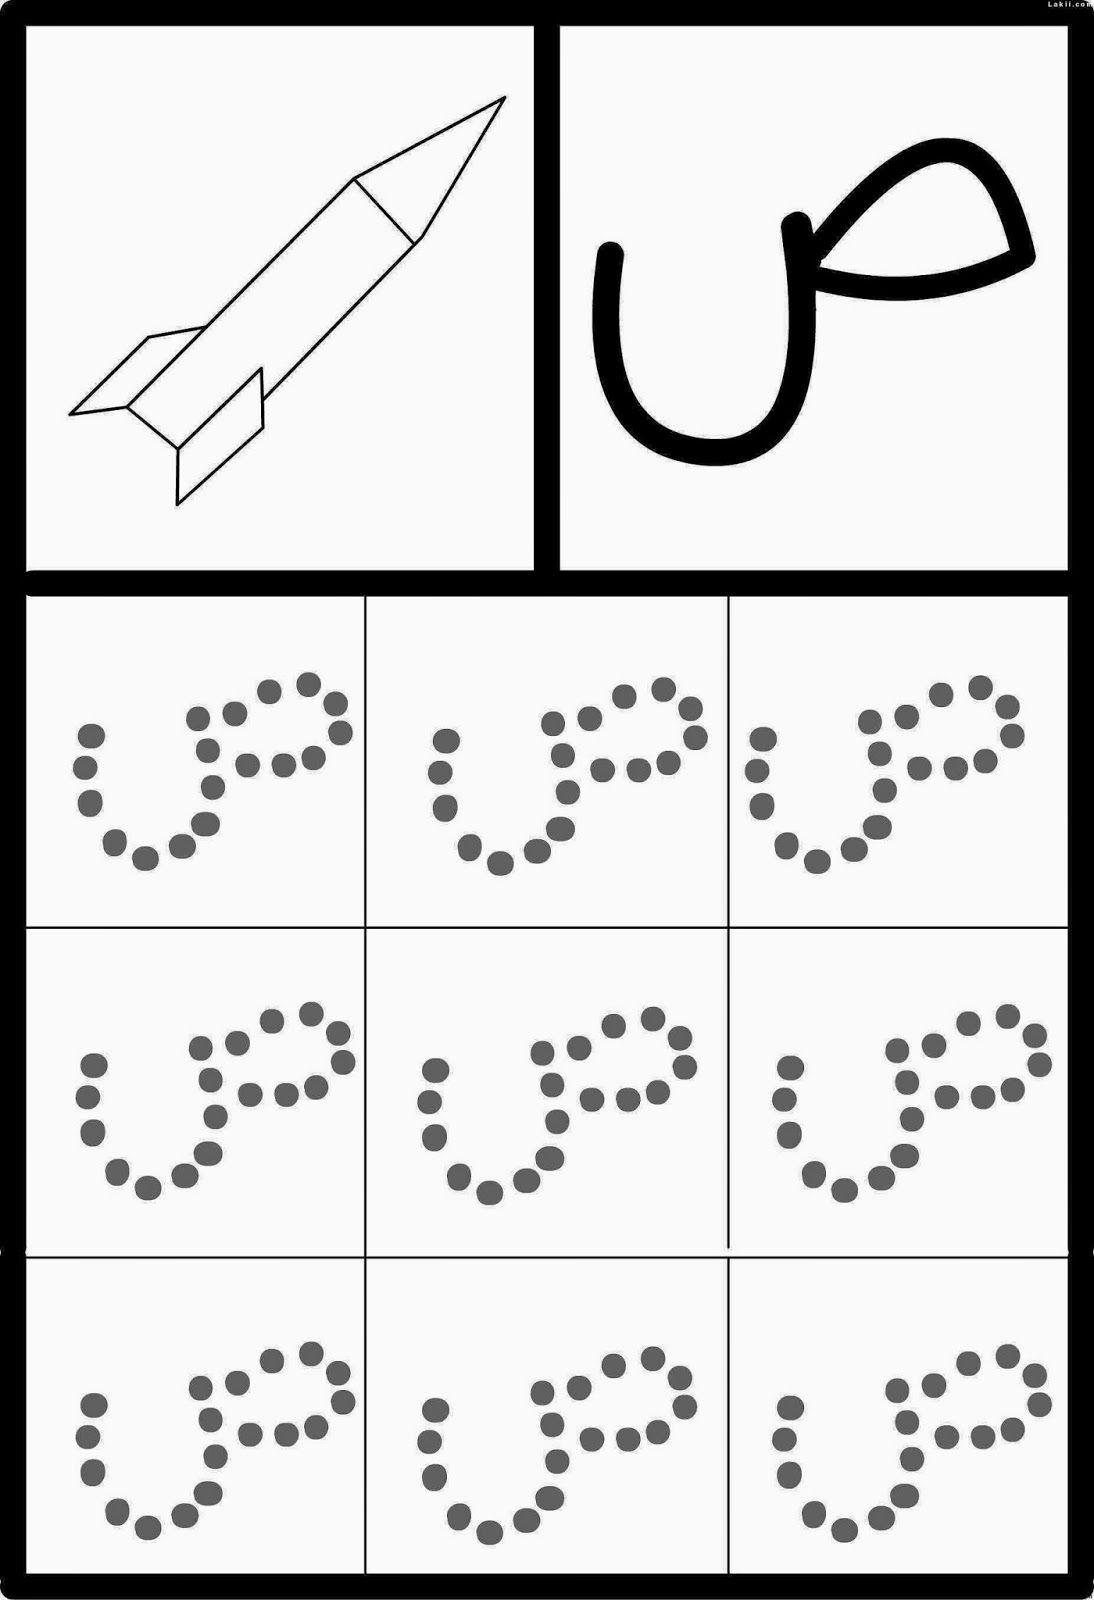 روضة العلم للاطفال التدريب على كتابة حروف الهجاء Arabic Alphabet For Kids Learn Arabic Alphabet Arabic Alphabet